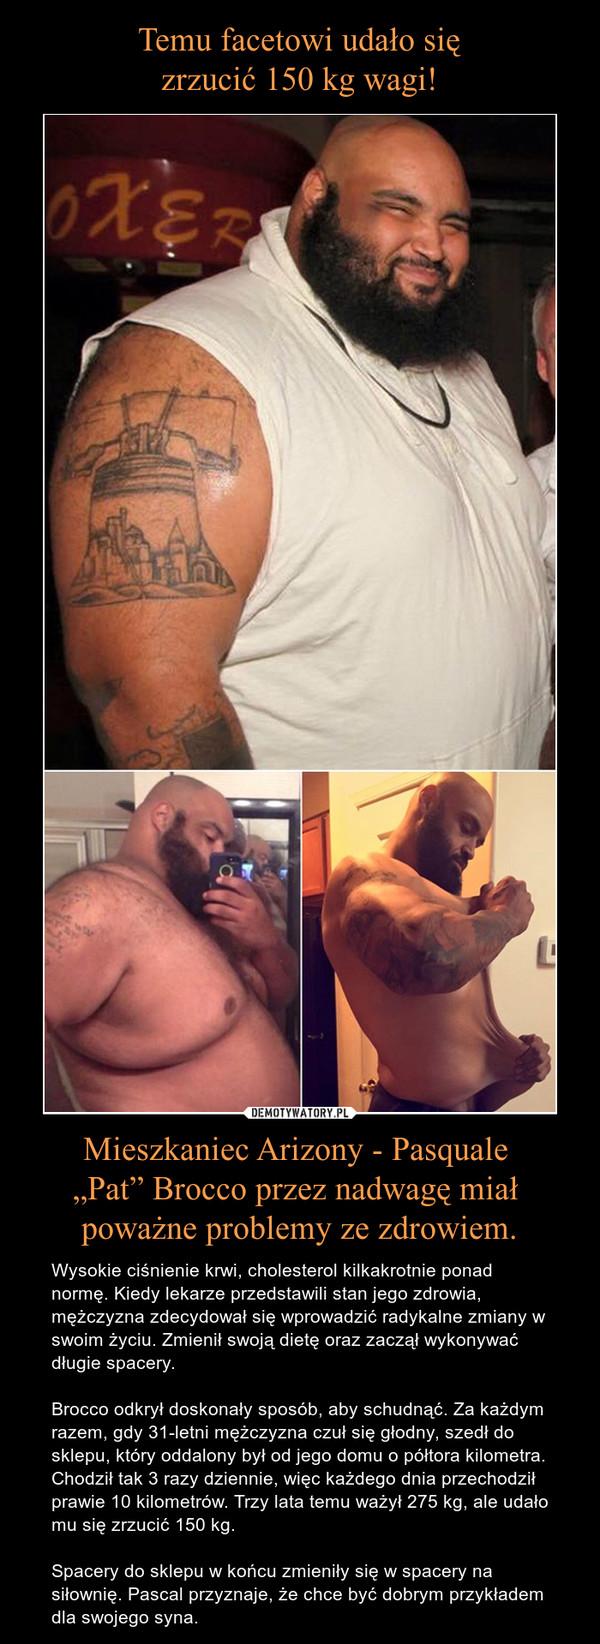 """Mieszkaniec Arizony - Pasquale """"Pat"""" Brocco przez nadwagę miał poważne problemy ze zdrowiem. – Wysokie ciśnienie krwi, cholesterol kilkakrotnie ponad normę. Kiedy lekarze przedstawili stan jego zdrowia, mężczyzna zdecydował się wprowadzić radykalne zmiany w swoim życiu. Zmienił swoją dietę oraz zaczął wykonywać długie spacery.Brocco odkrył doskonały sposób, aby schudnąć. Za każdym razem, gdy 31-letni mężczyzna czuł się głodny, szedł do sklepu, który oddalony był od jego domu o półtora kilometra. Chodził tak 3 razy dziennie, więc każdego dnia przechodził prawie 10 kilometrów. Trzy lata temu ważył 275 kg, ale udało mu się zrzucić 150 kg.Spacery do sklepu w końcu zmieniły się w spacery na siłownię. Pascal przyznaje, że chce być dobrym przykładem dla swojego syna."""